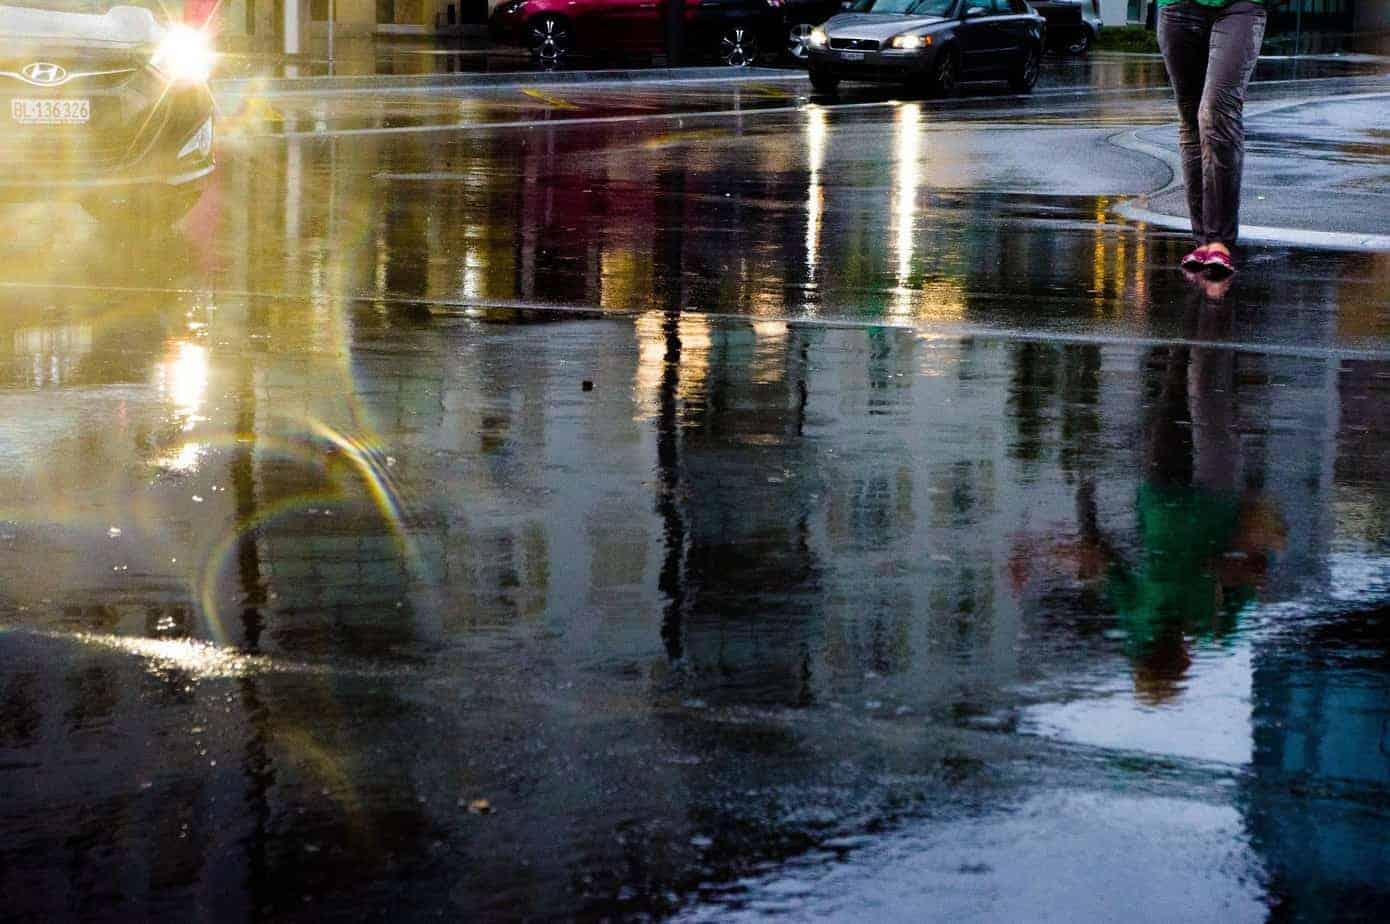 Eine von Wasser bedeckte Straße, auf der sich Autos spiegeln